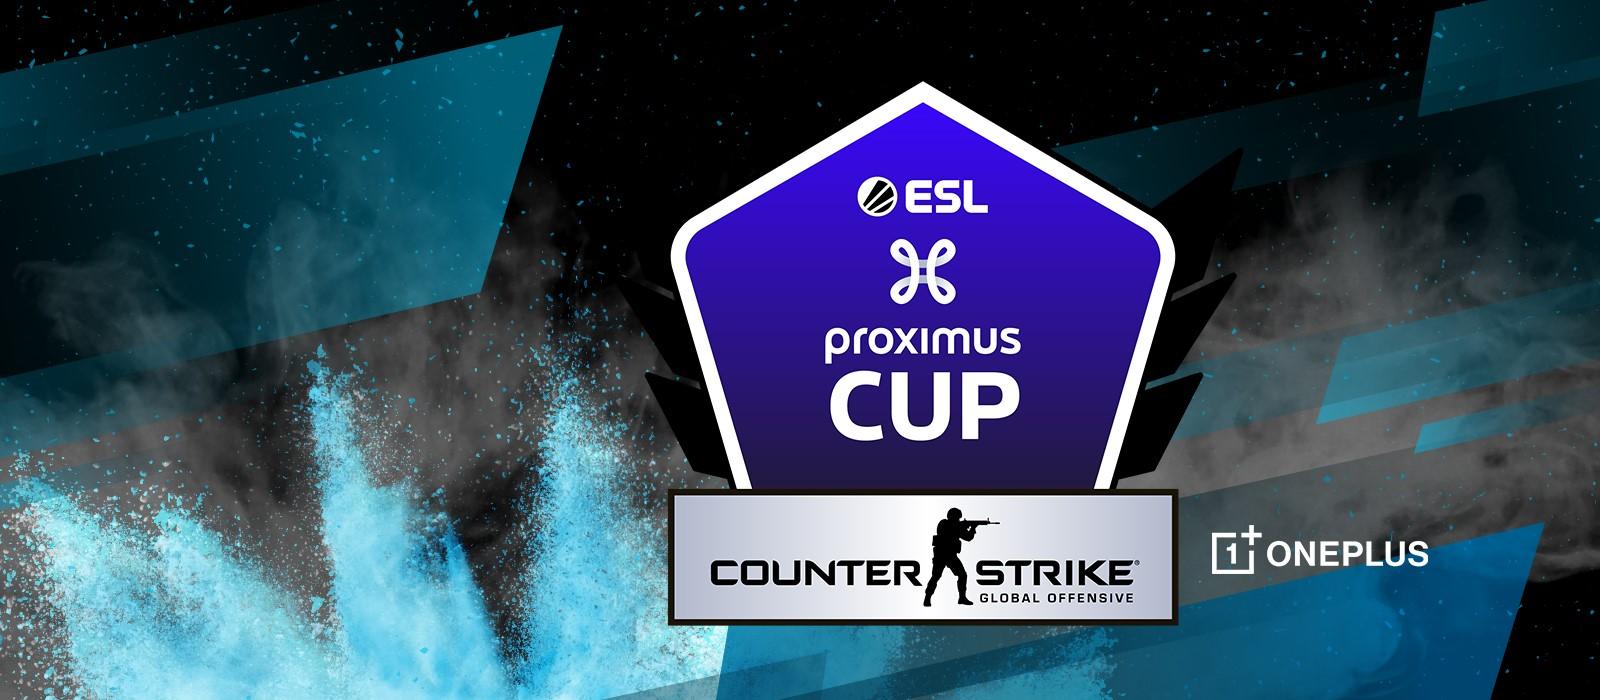 ESL Proximus Cup CS:GO